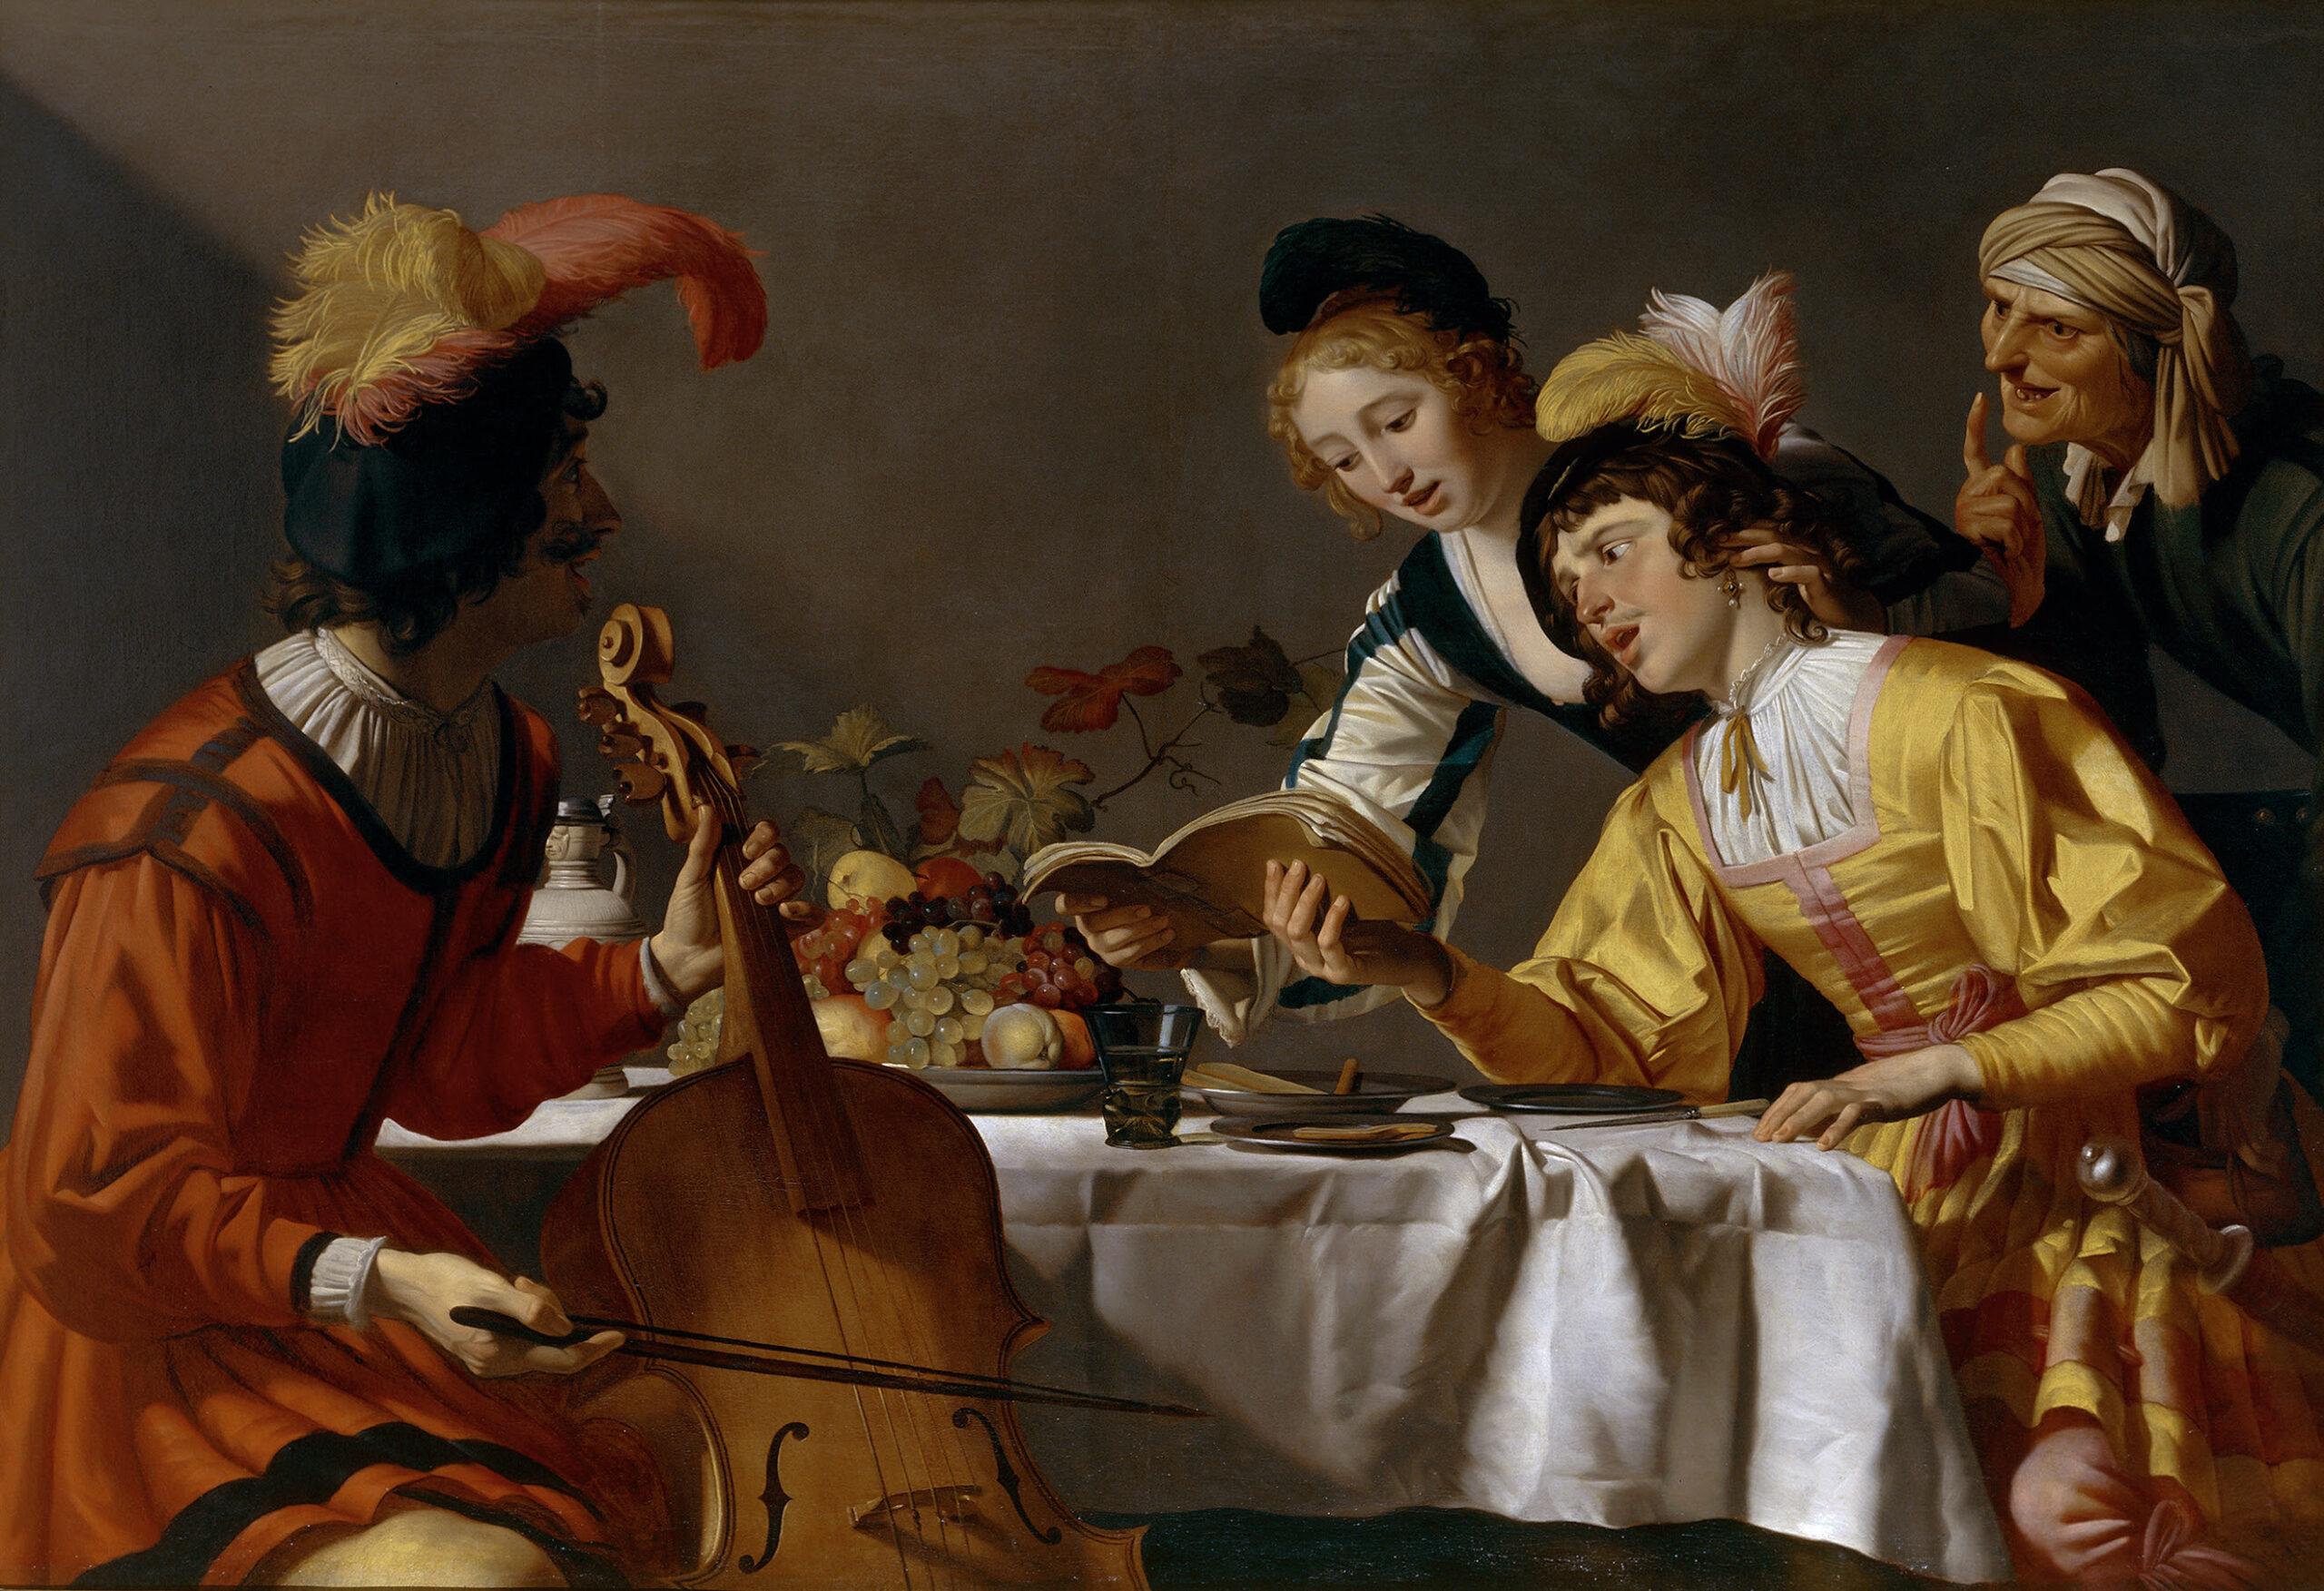 Musica classica al museo: in streaming il concerto barocco di Galleria Borghese